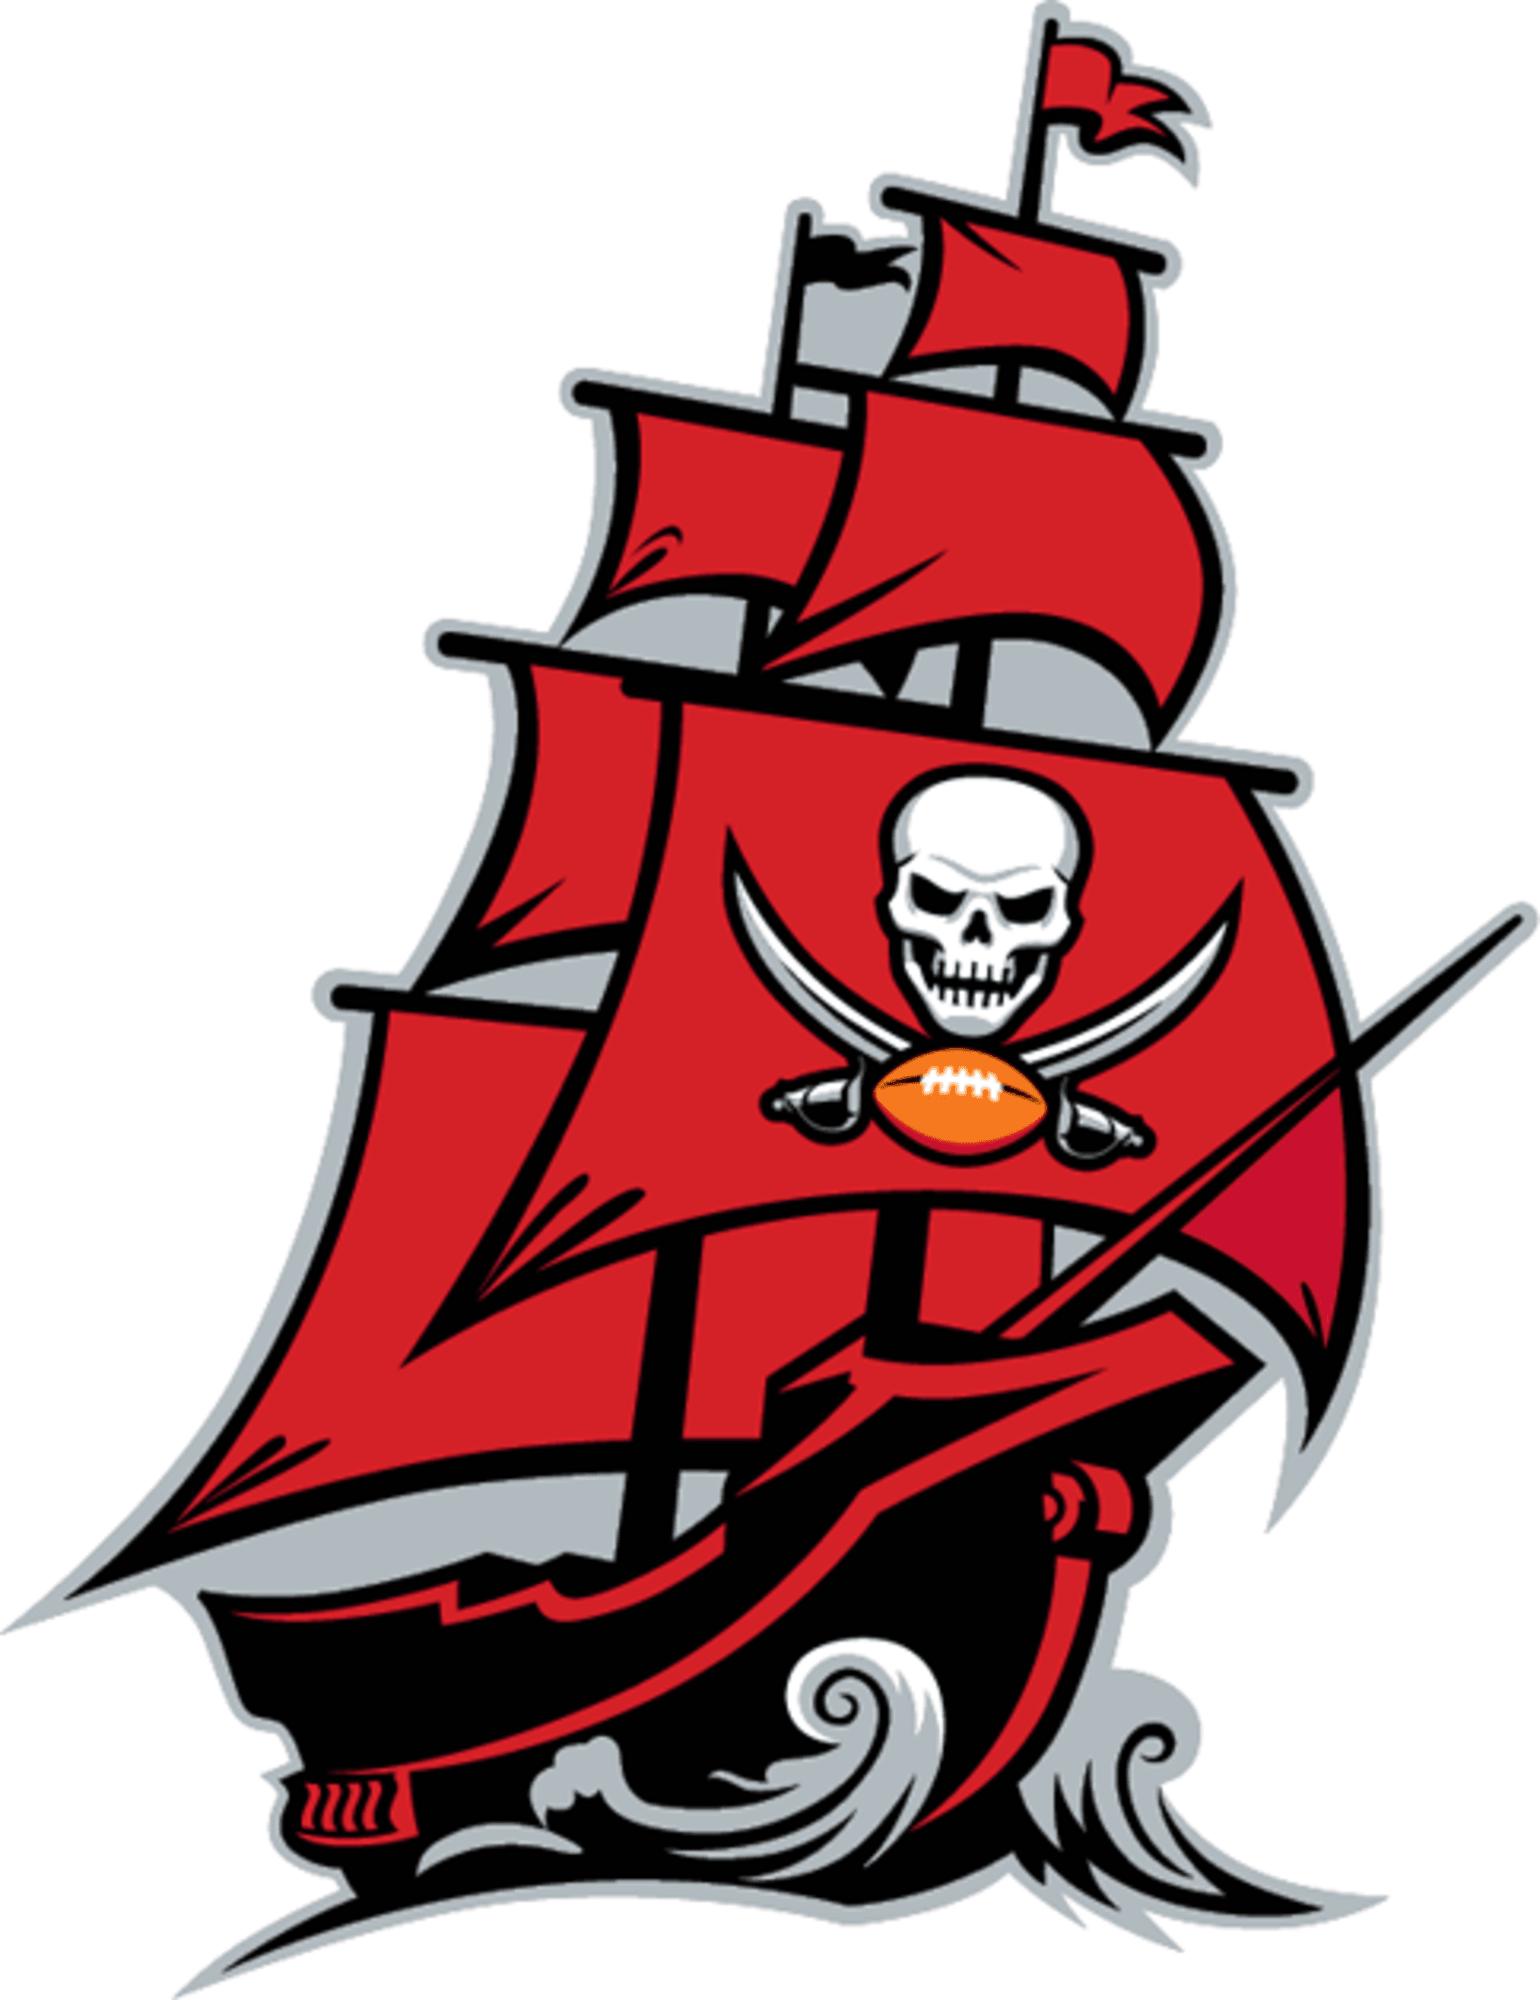 Tampa Bay Buccaneers Debut Alternate Pirate Ship Logo Photo